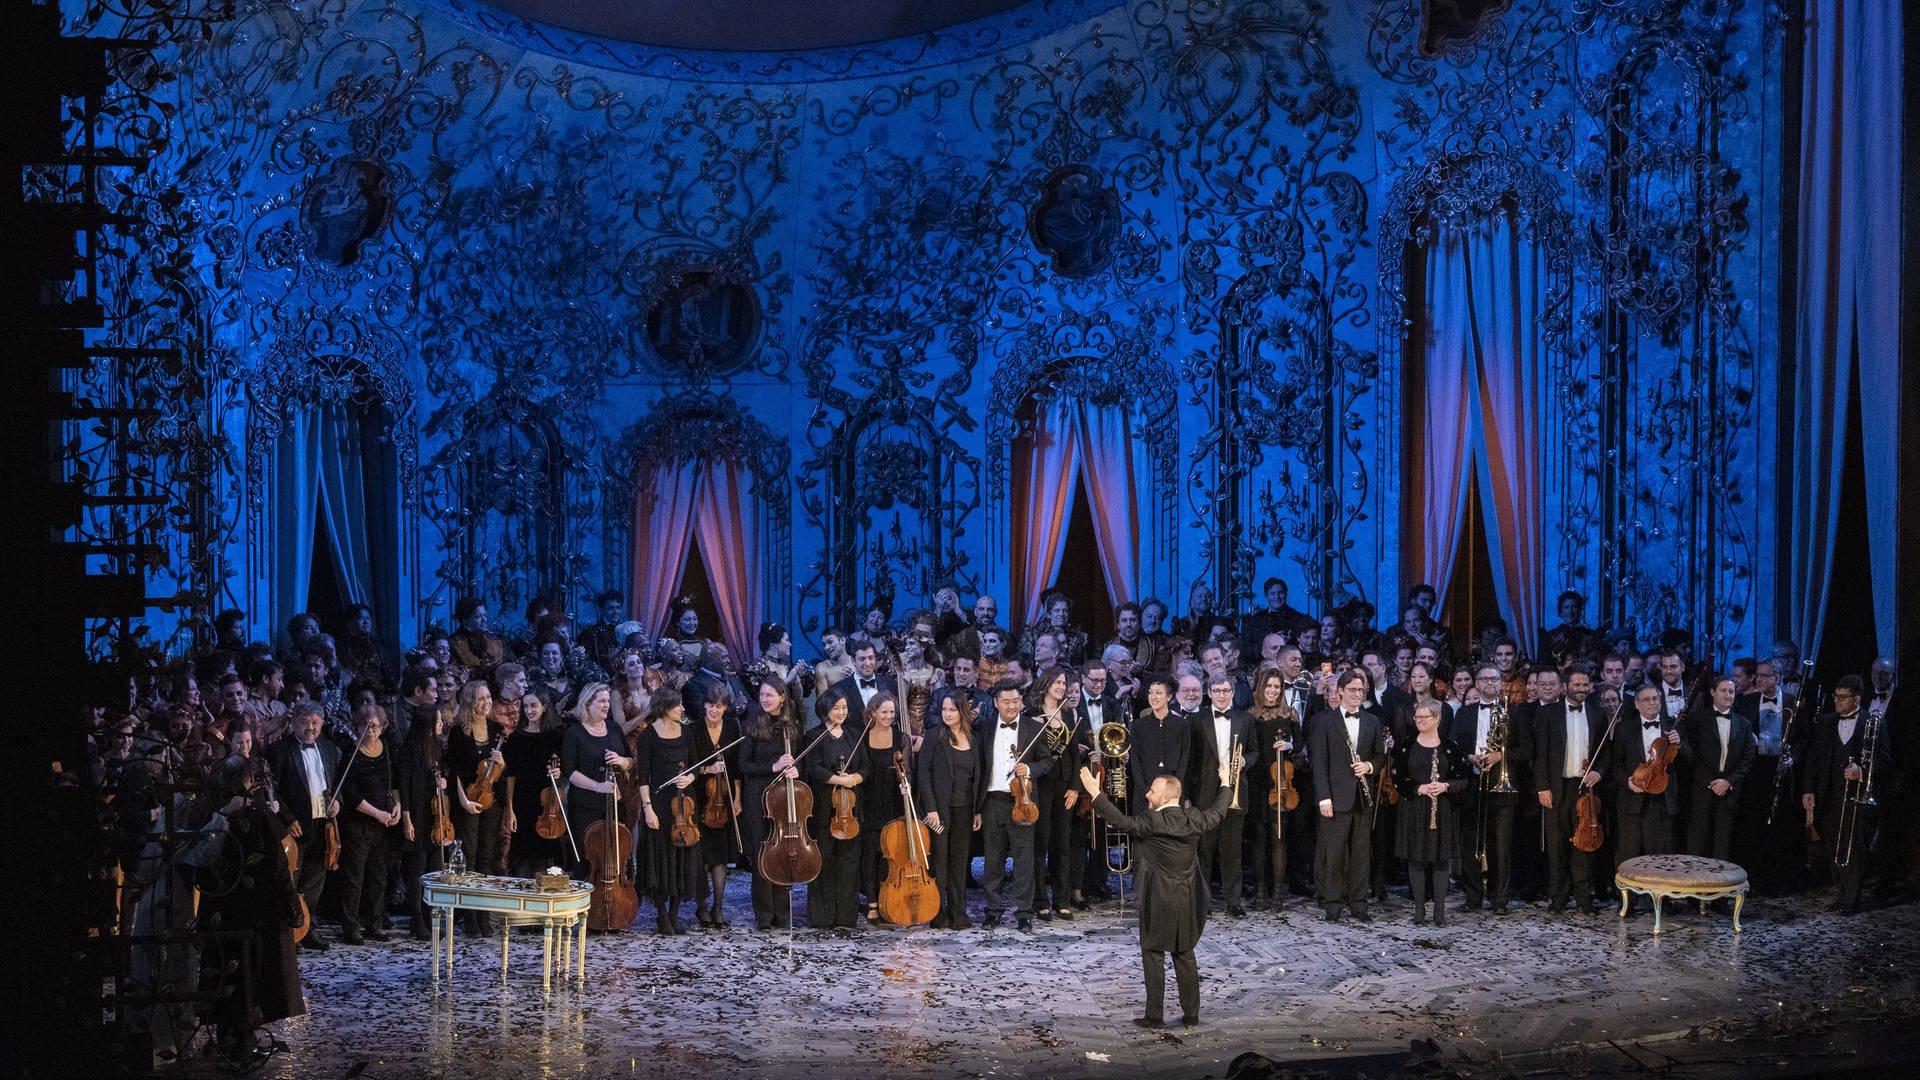 Sie werden entlassen: Chor und Orchester der MET. Und wie äußert sich Yannick Nézet-Séguin dazu?